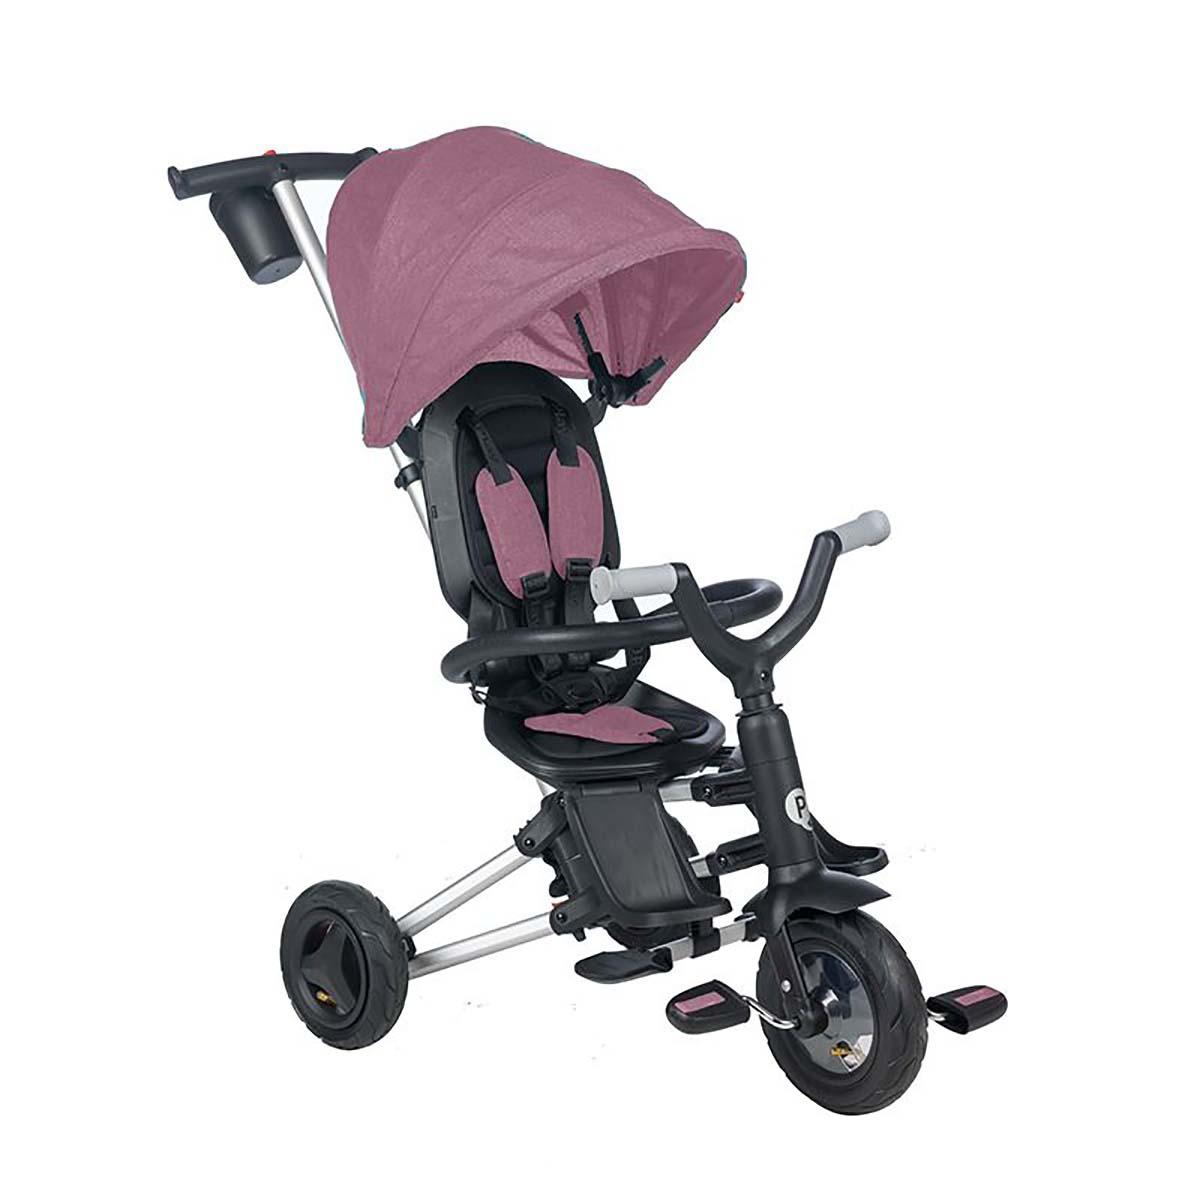 Tricicleta ultrapliabila Qplay Nova, Violet